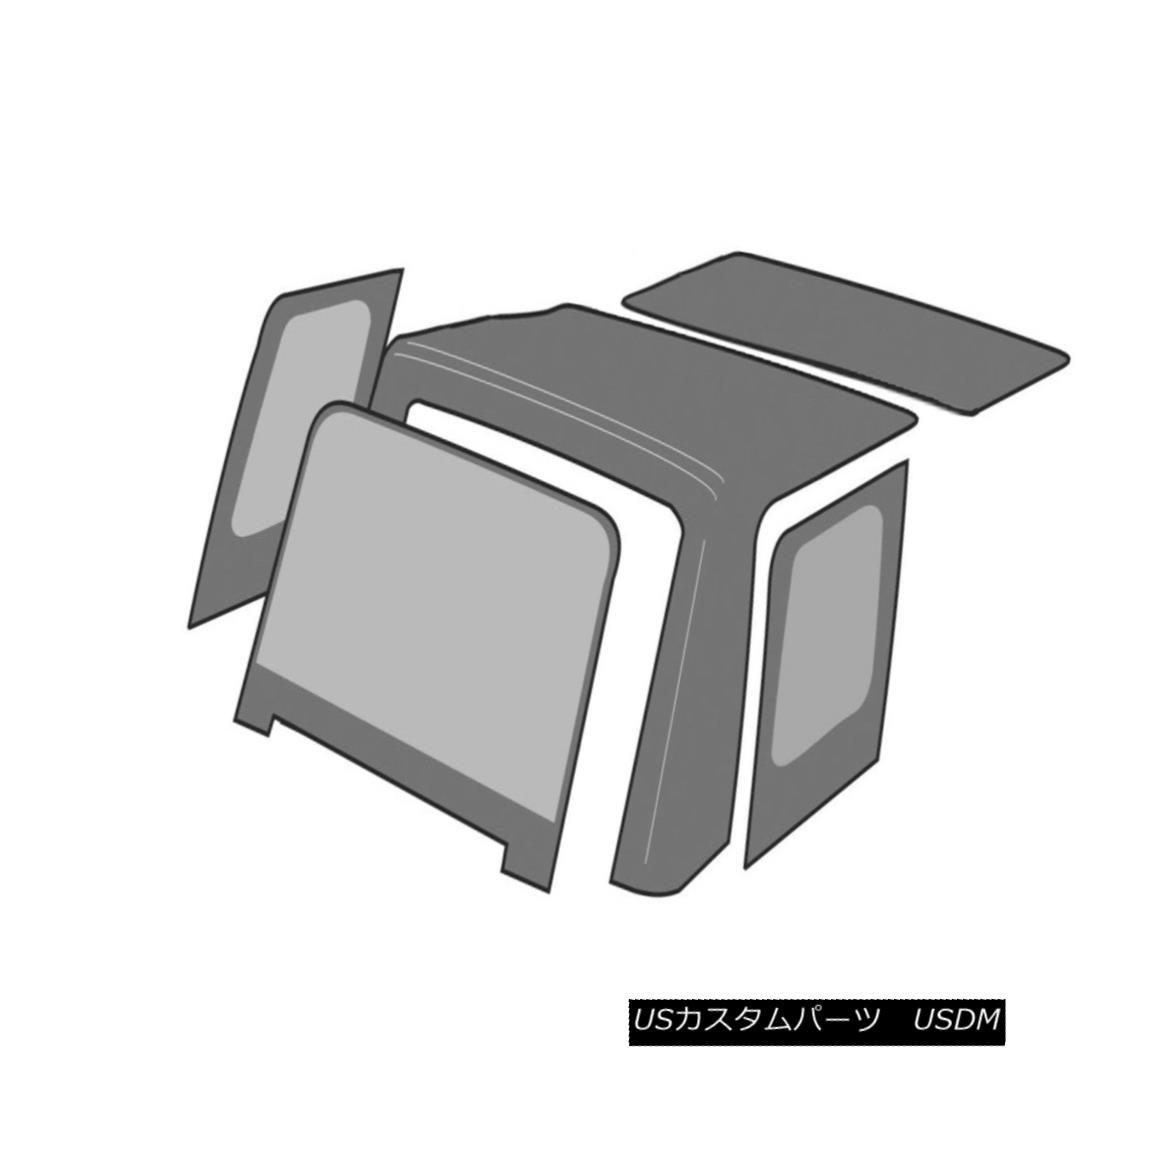 幌・ソフトトップ Rampage 99435 Factory Replacement Soft Top Fits 87-95 Jeep Wrangler YJ 暴走99435工場交換ソフトトップフィット87-95ジープラングラーYJ